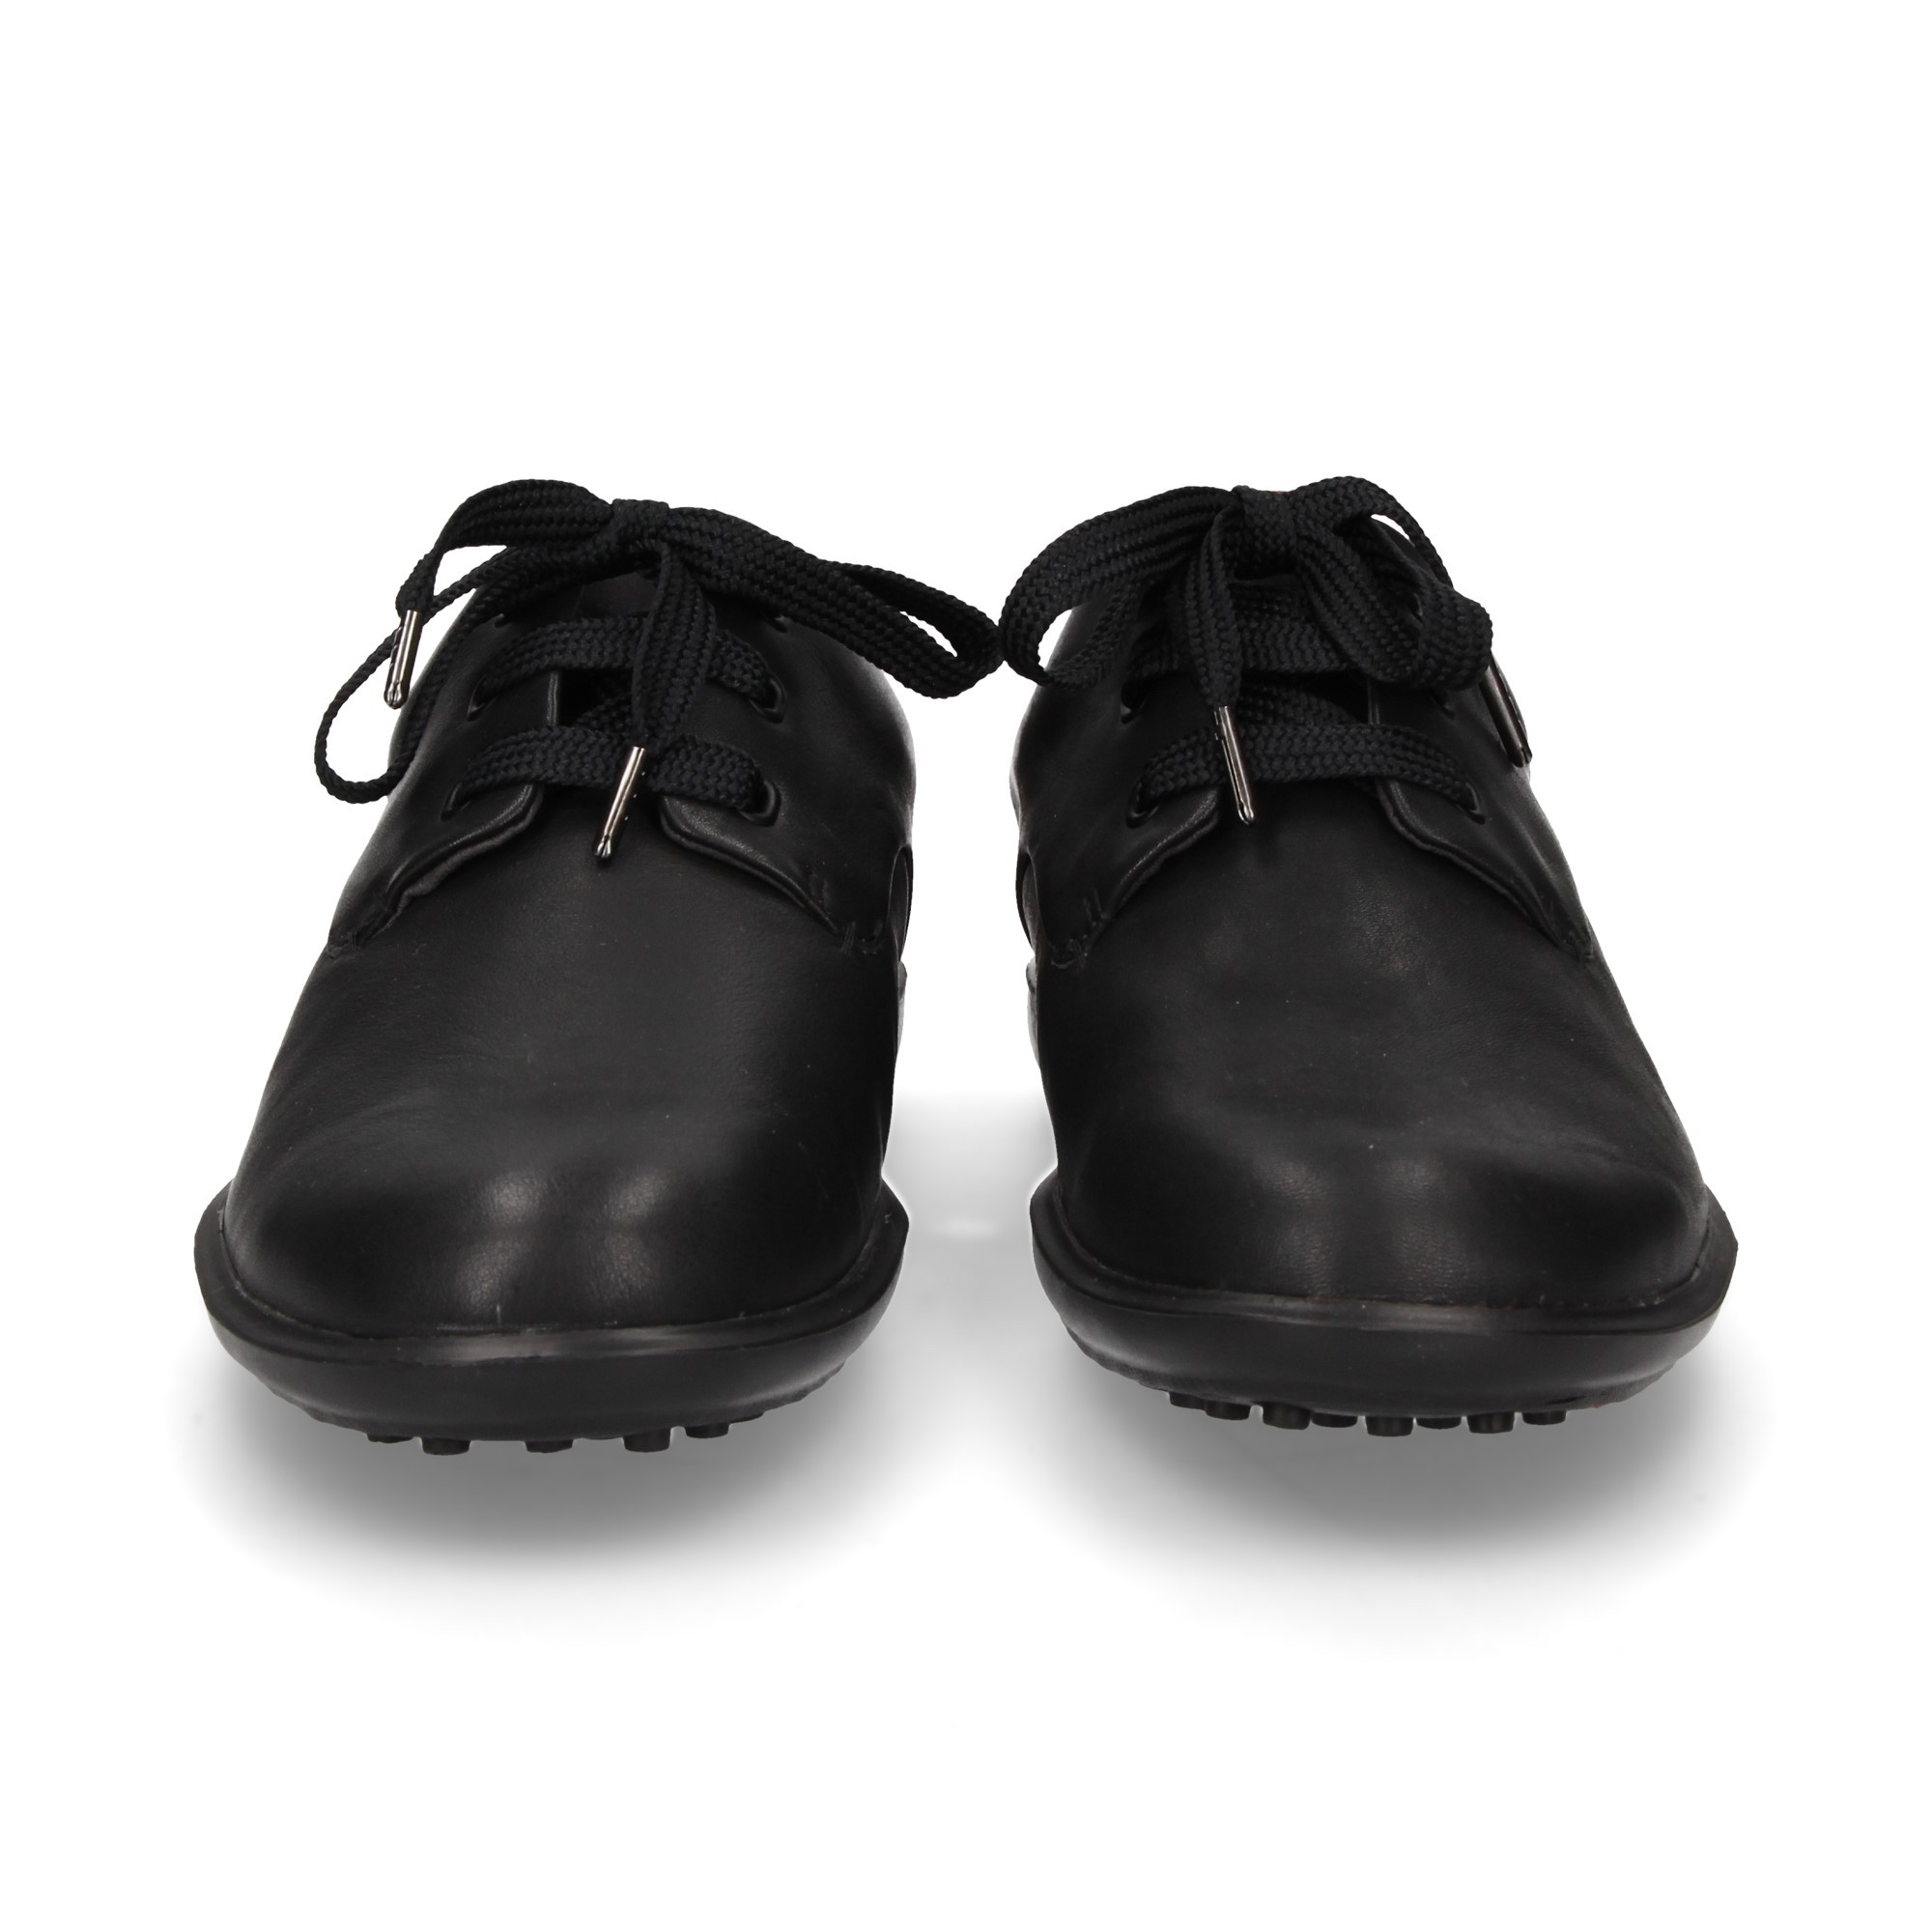 De 035 Camper Zapatos Negro Hombre Vestir 18637 q8wOT7x